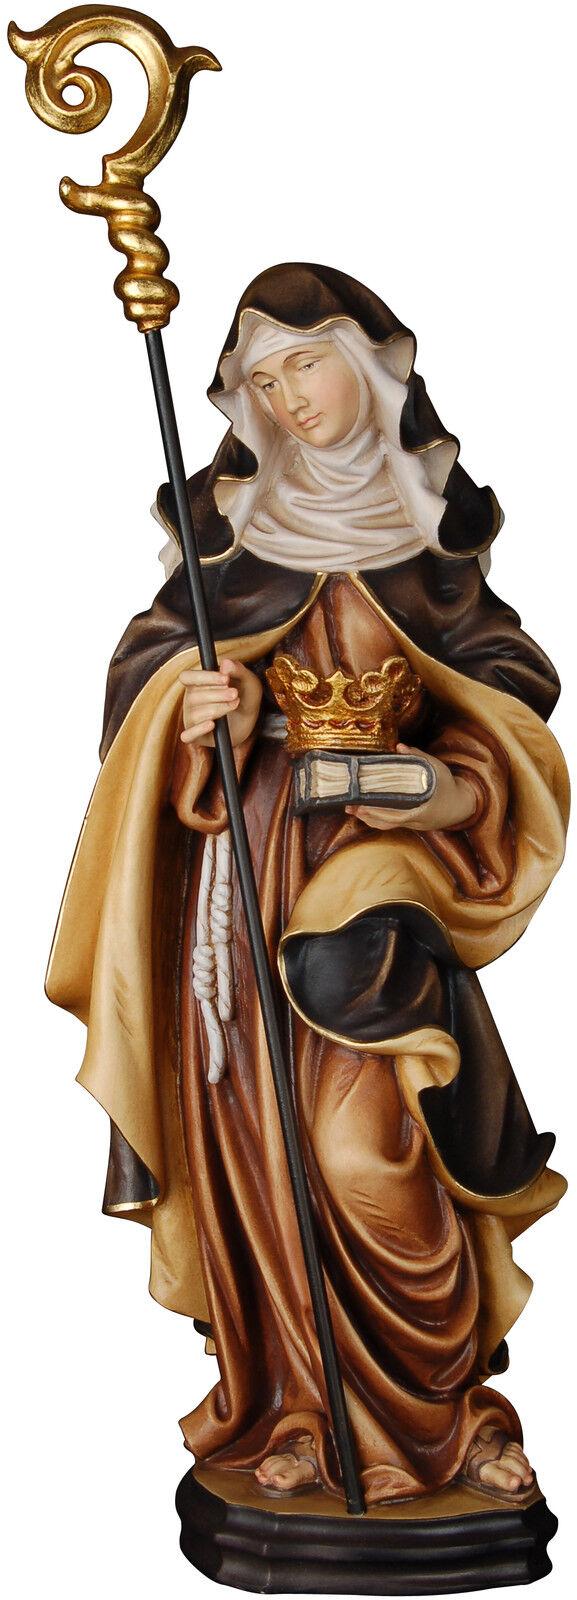 Irmgard HL. HL. HL. mit Krone Holzschnitzerei. santa Ermengarde mit Krone und Seelsorge | Perfekt In Verarbeitung  d94160